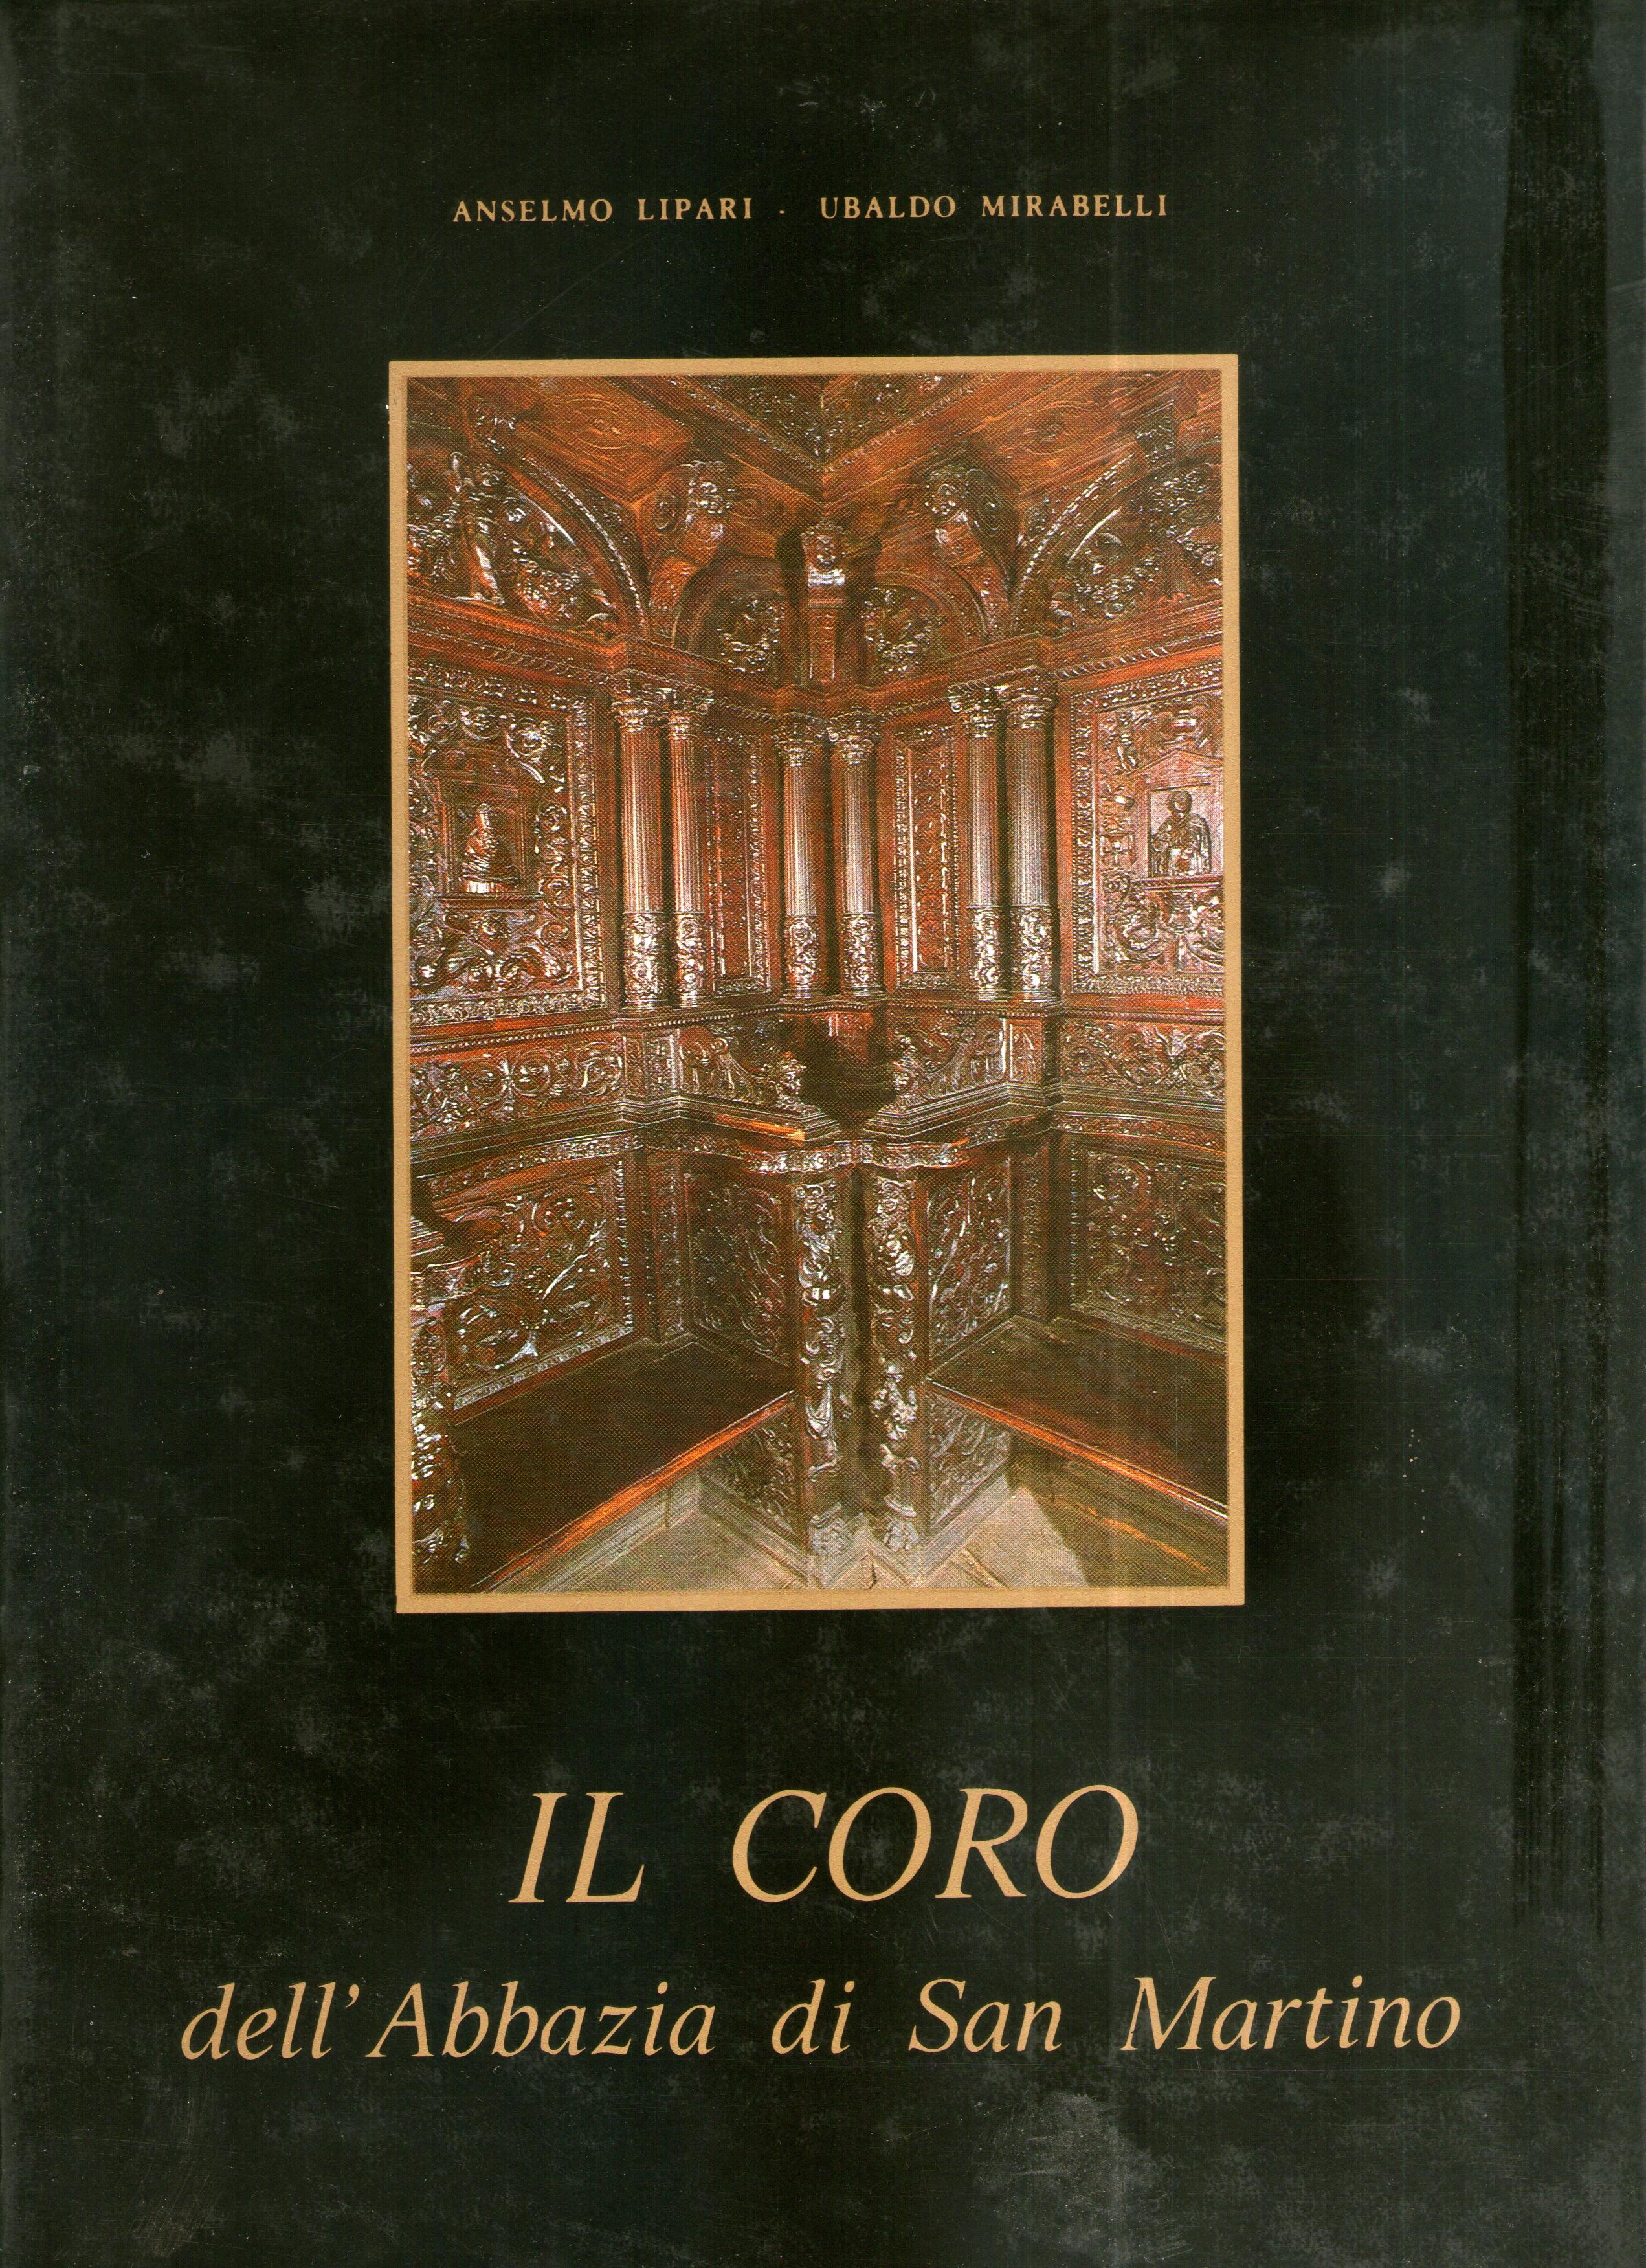 Il coro dell'abbazia